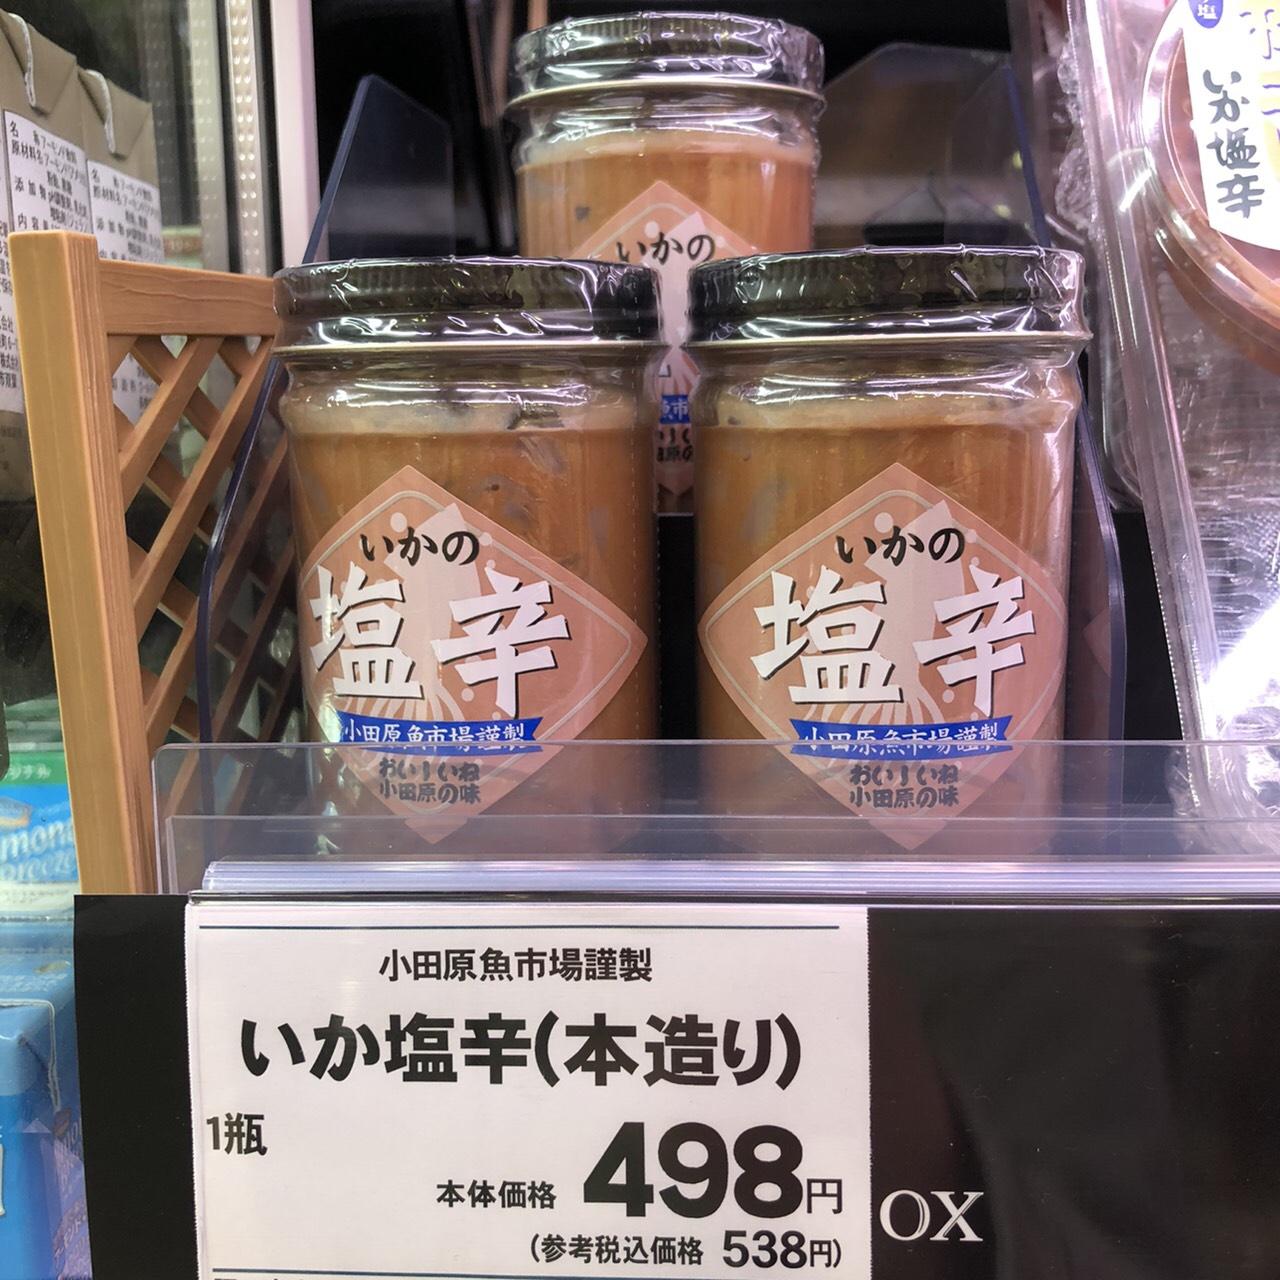 いかの塩辛(小田原魚市場謹製)